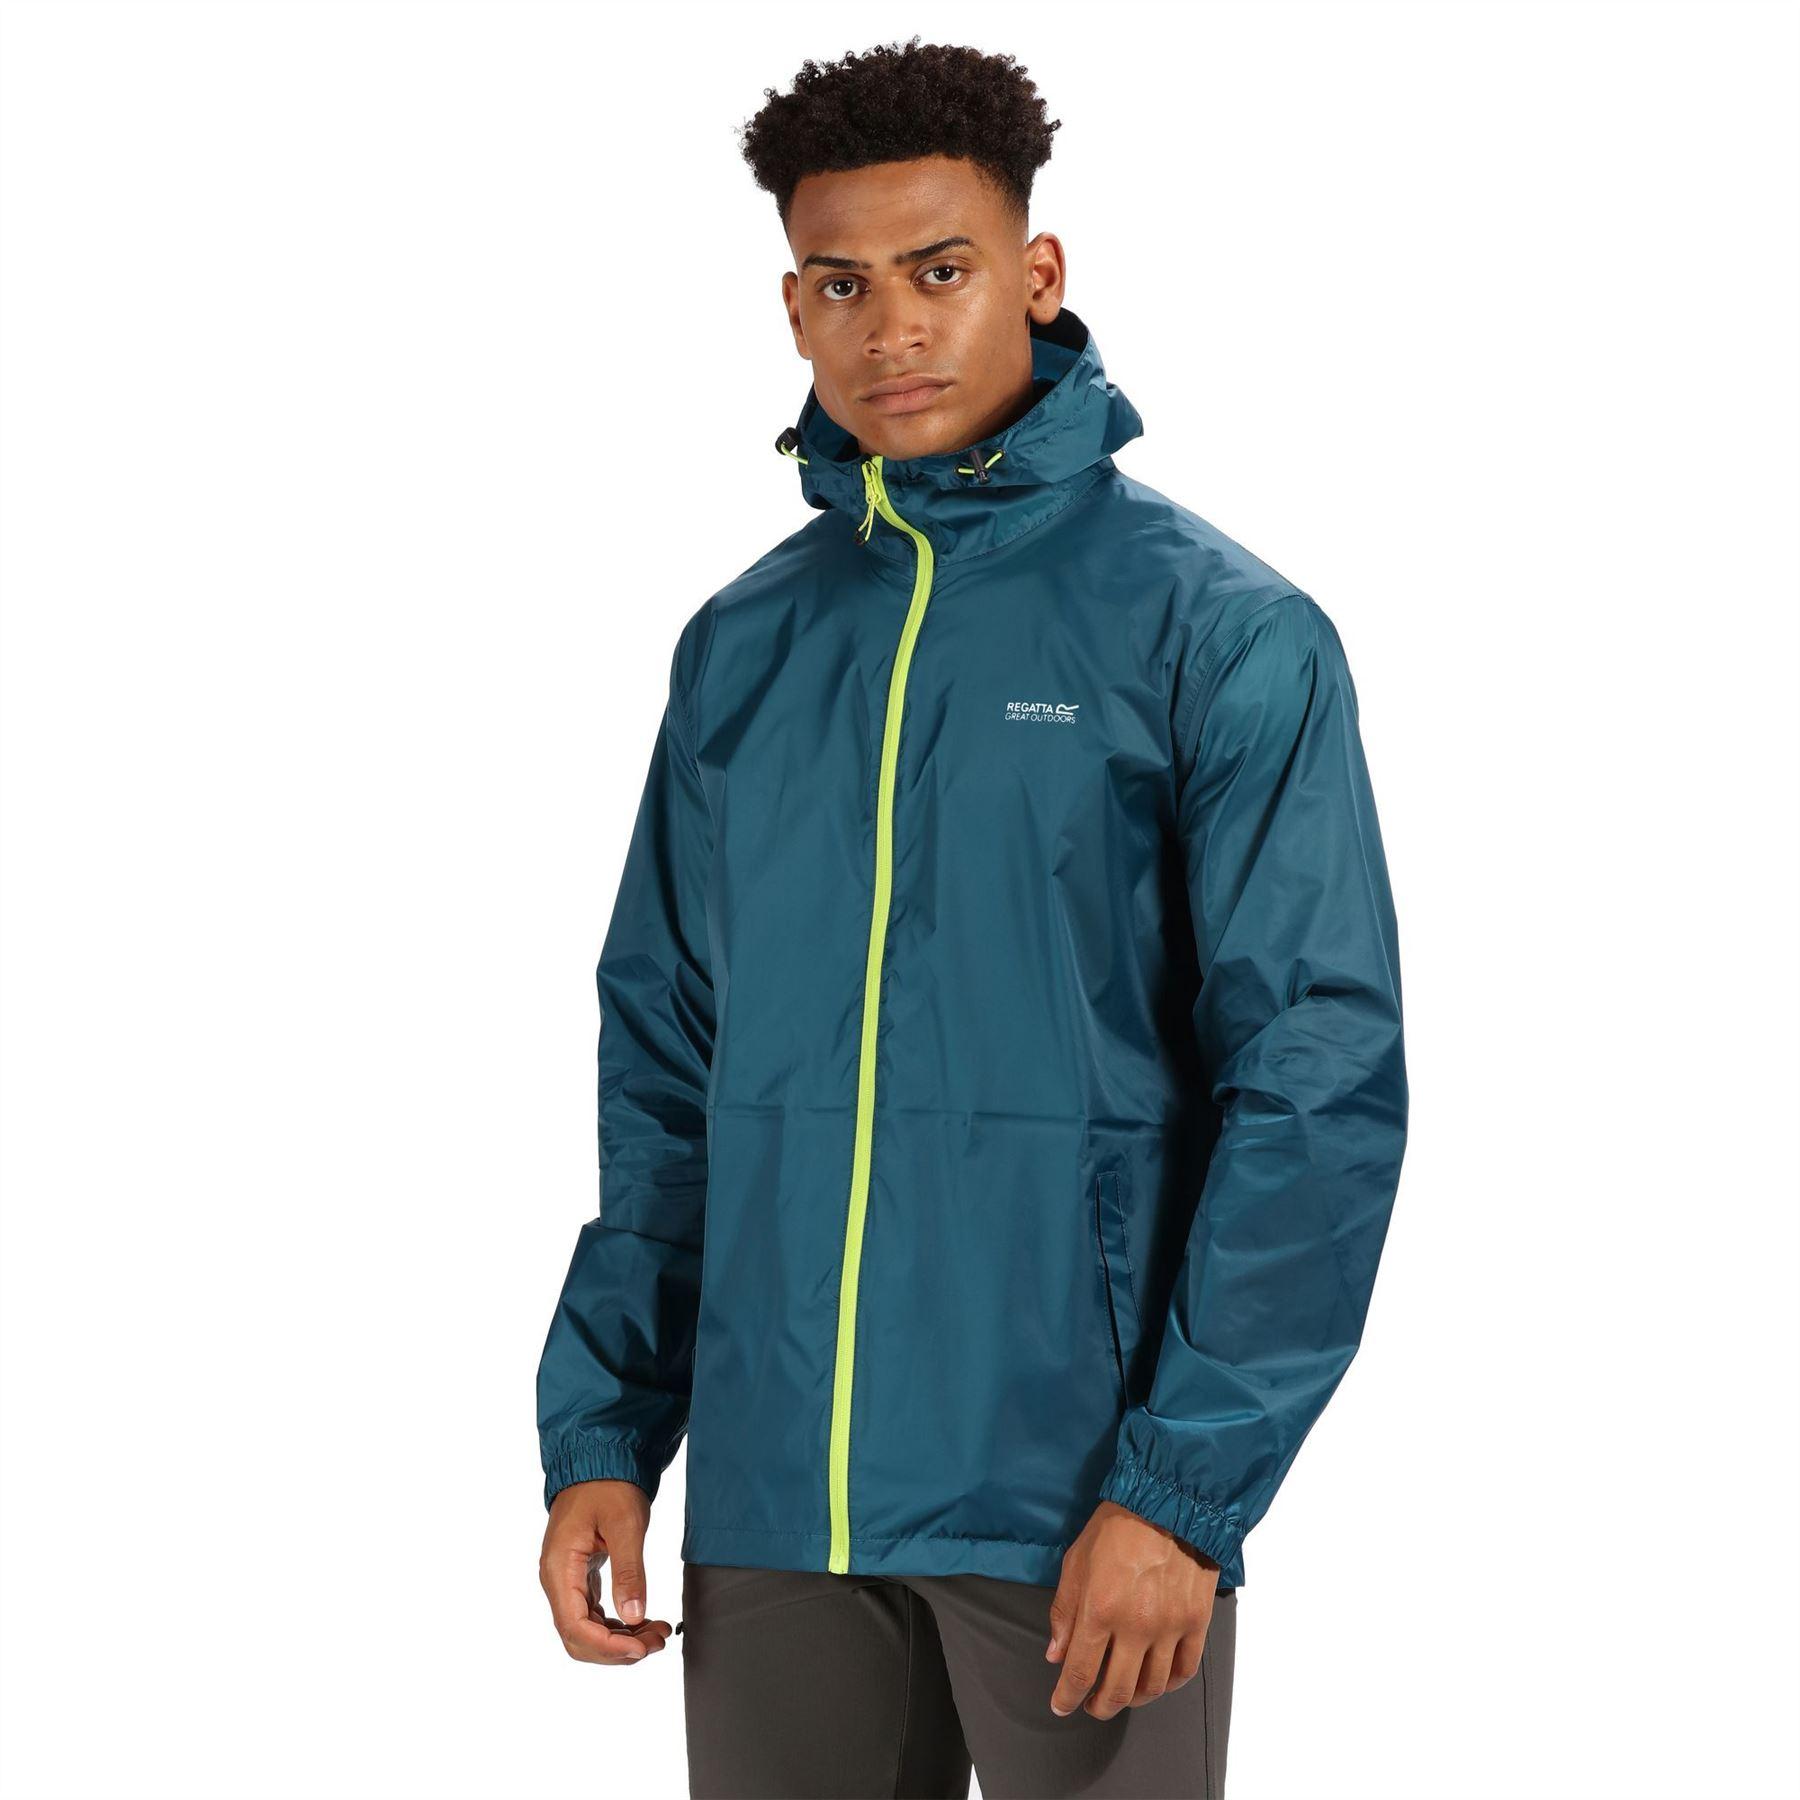 miniatuur 37 - Regatta Mens Pack-it In a bag Packable Waterproof Jacket Outdoor Pack a mac